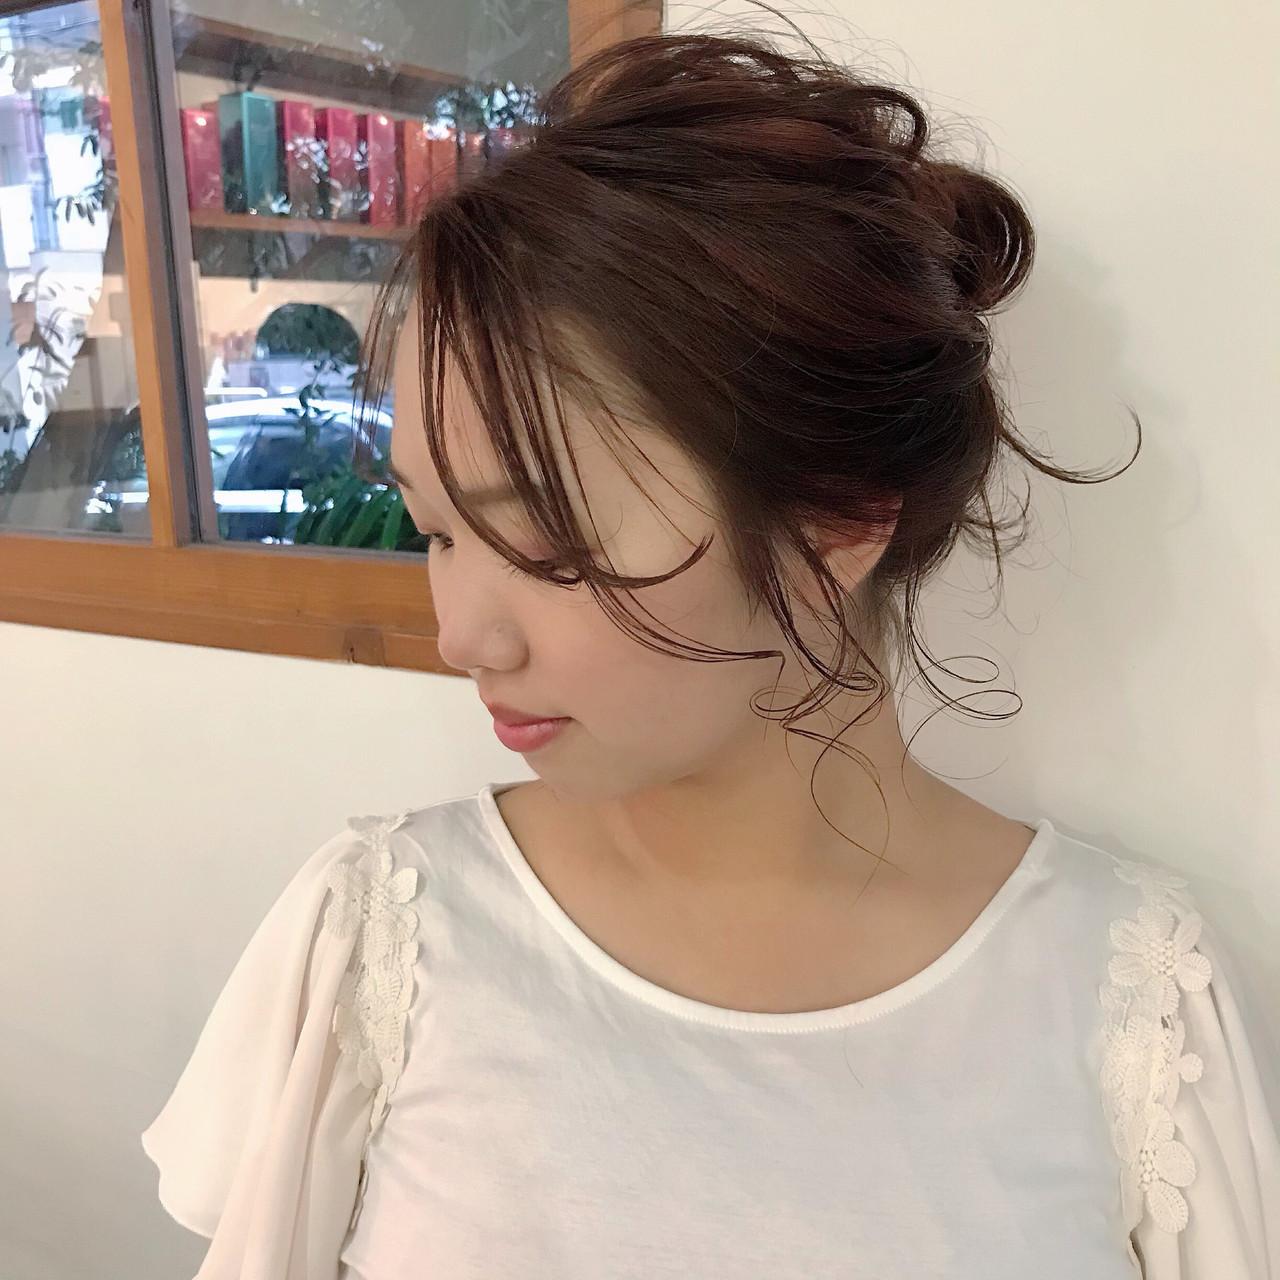 グラデーションカラー ピンク 結婚式 ミディアム ヘアスタイルや髪型の写真・画像